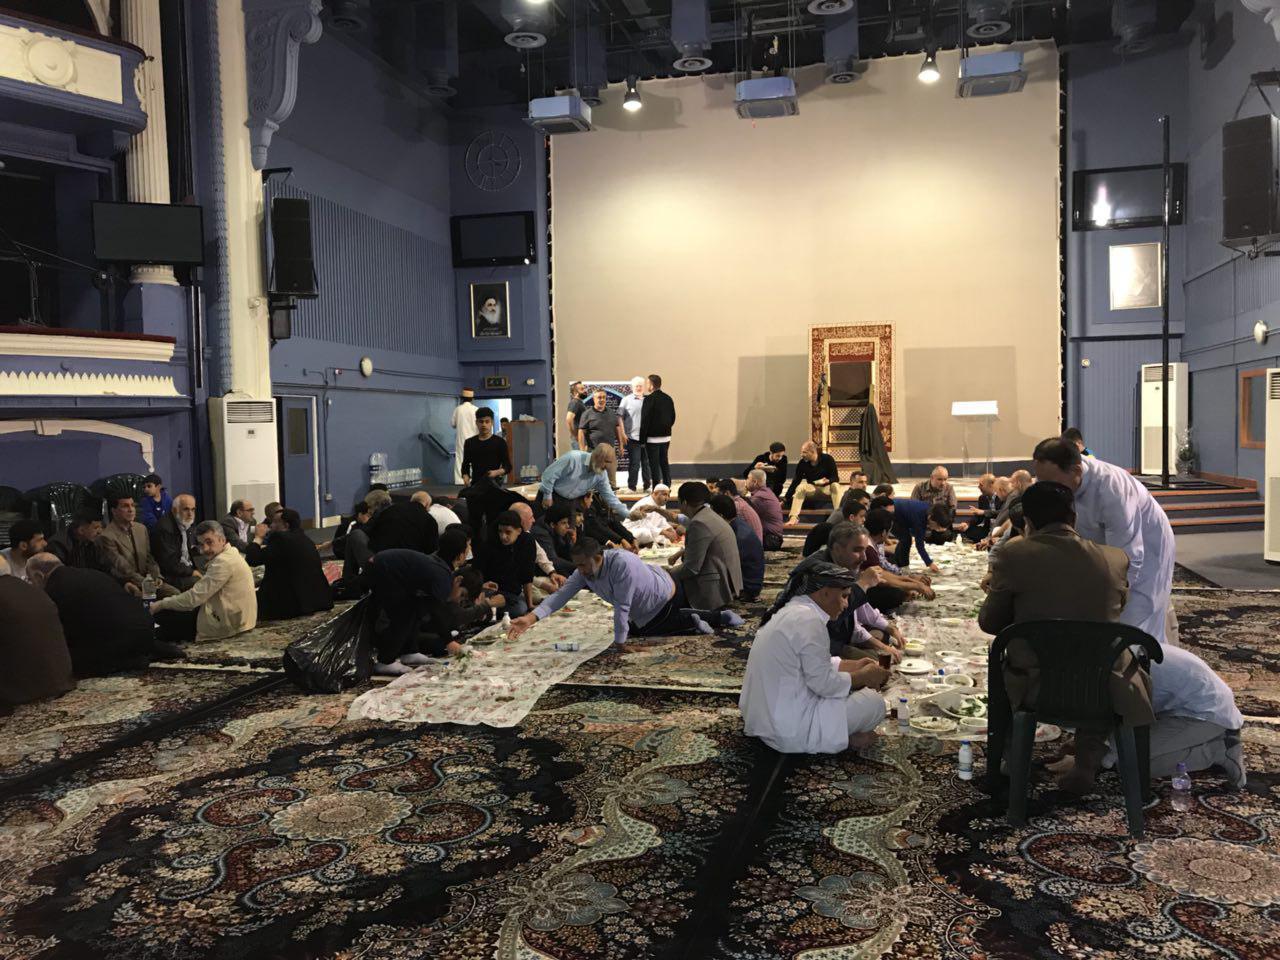 تصویر مراسم افطار با حضور نمایندگان ادیان و مذاهب مختلف در «حسینیه رسول اعظم» در لندن